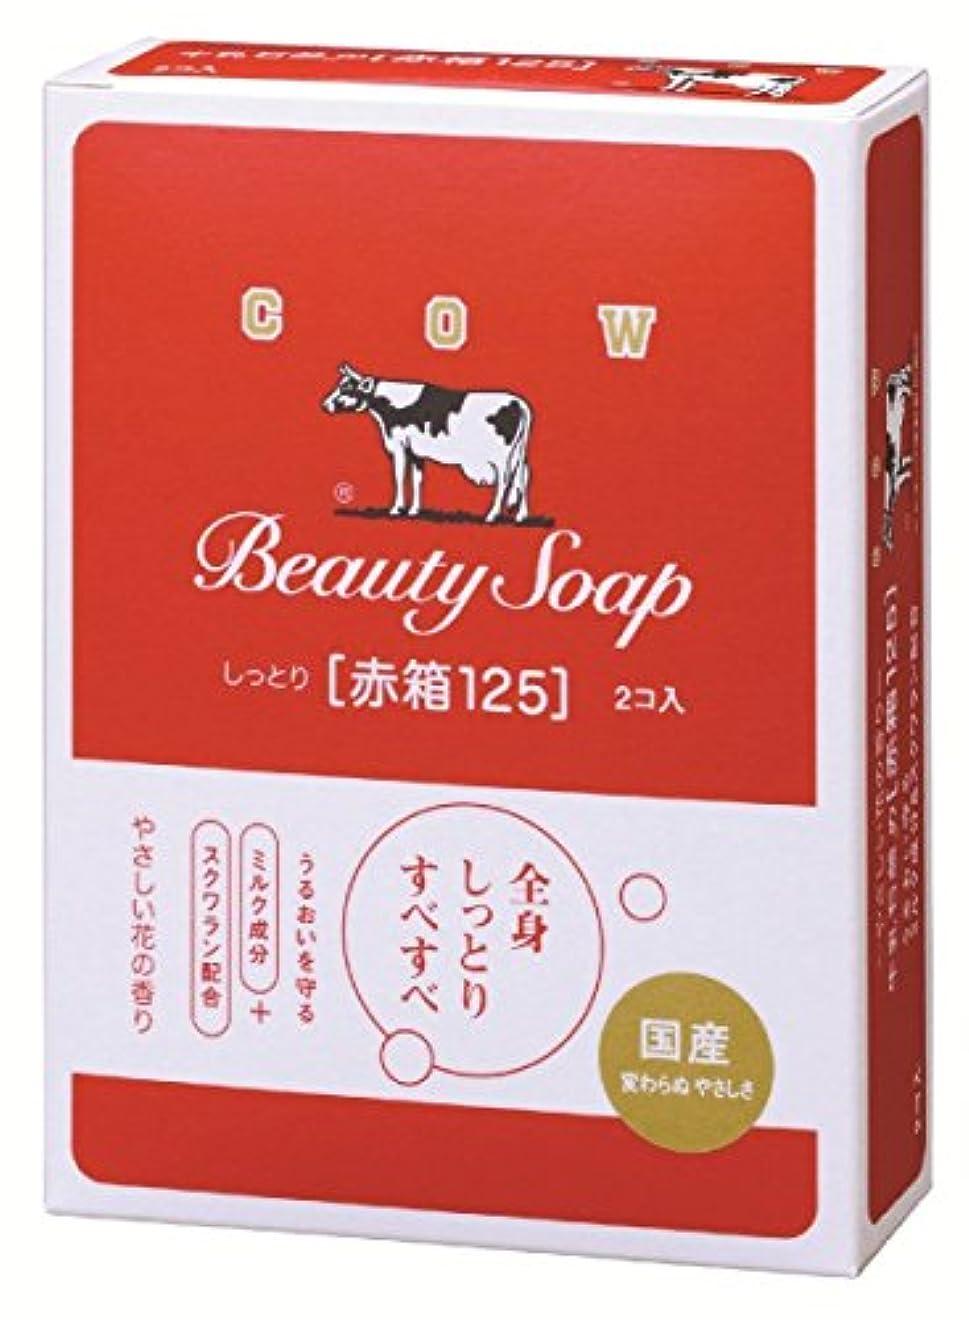 ラダカテゴリー無関心【まとめ買い】カウブランド 赤箱 125 2個入 ×2セット